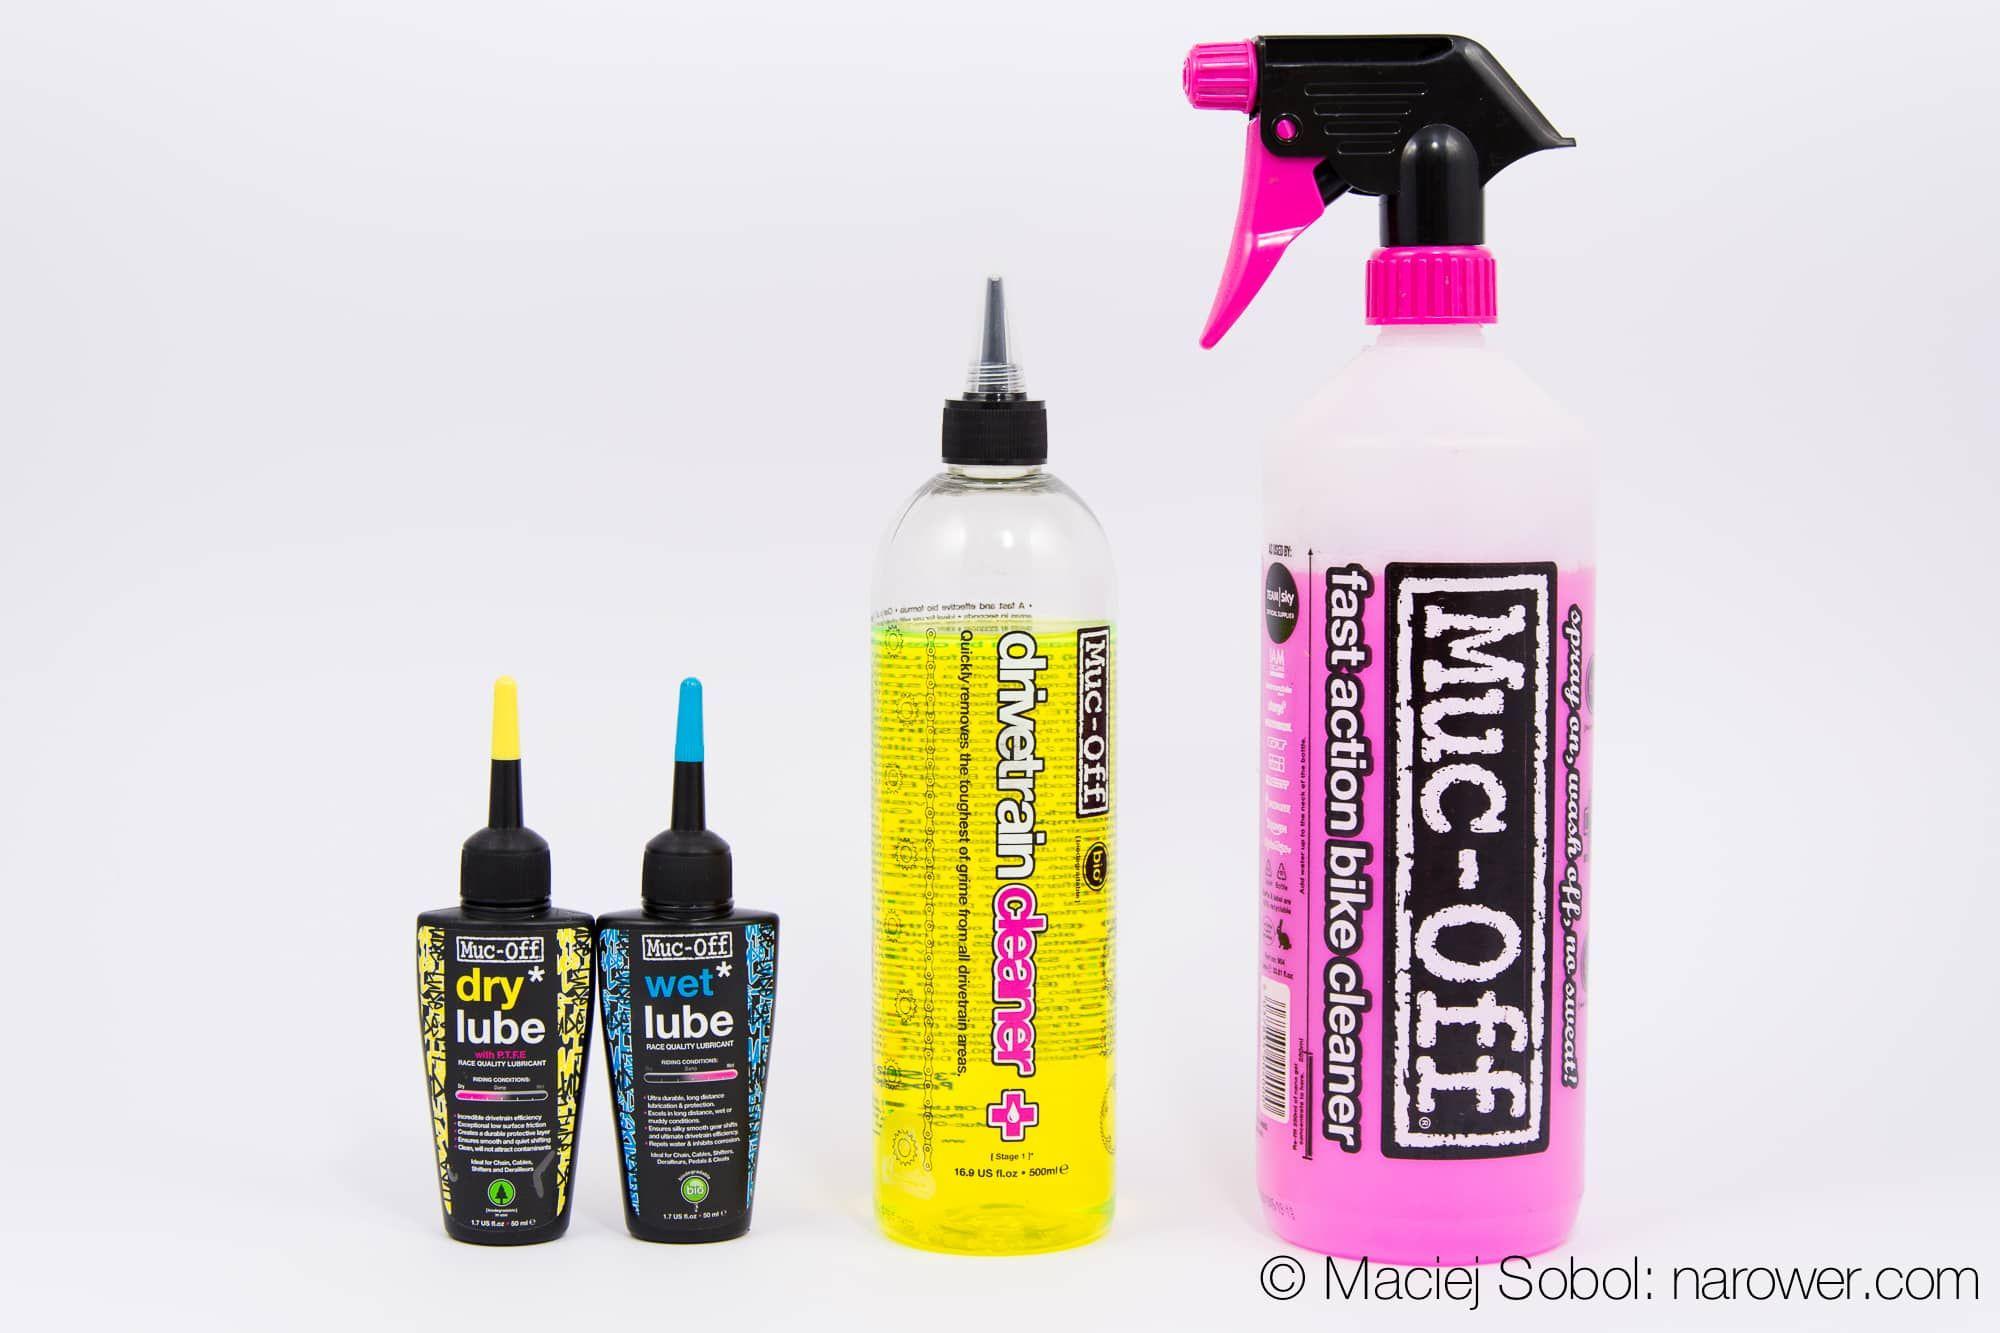 muc-off smar olej odtluszczacz plyn Chemia rowerowa